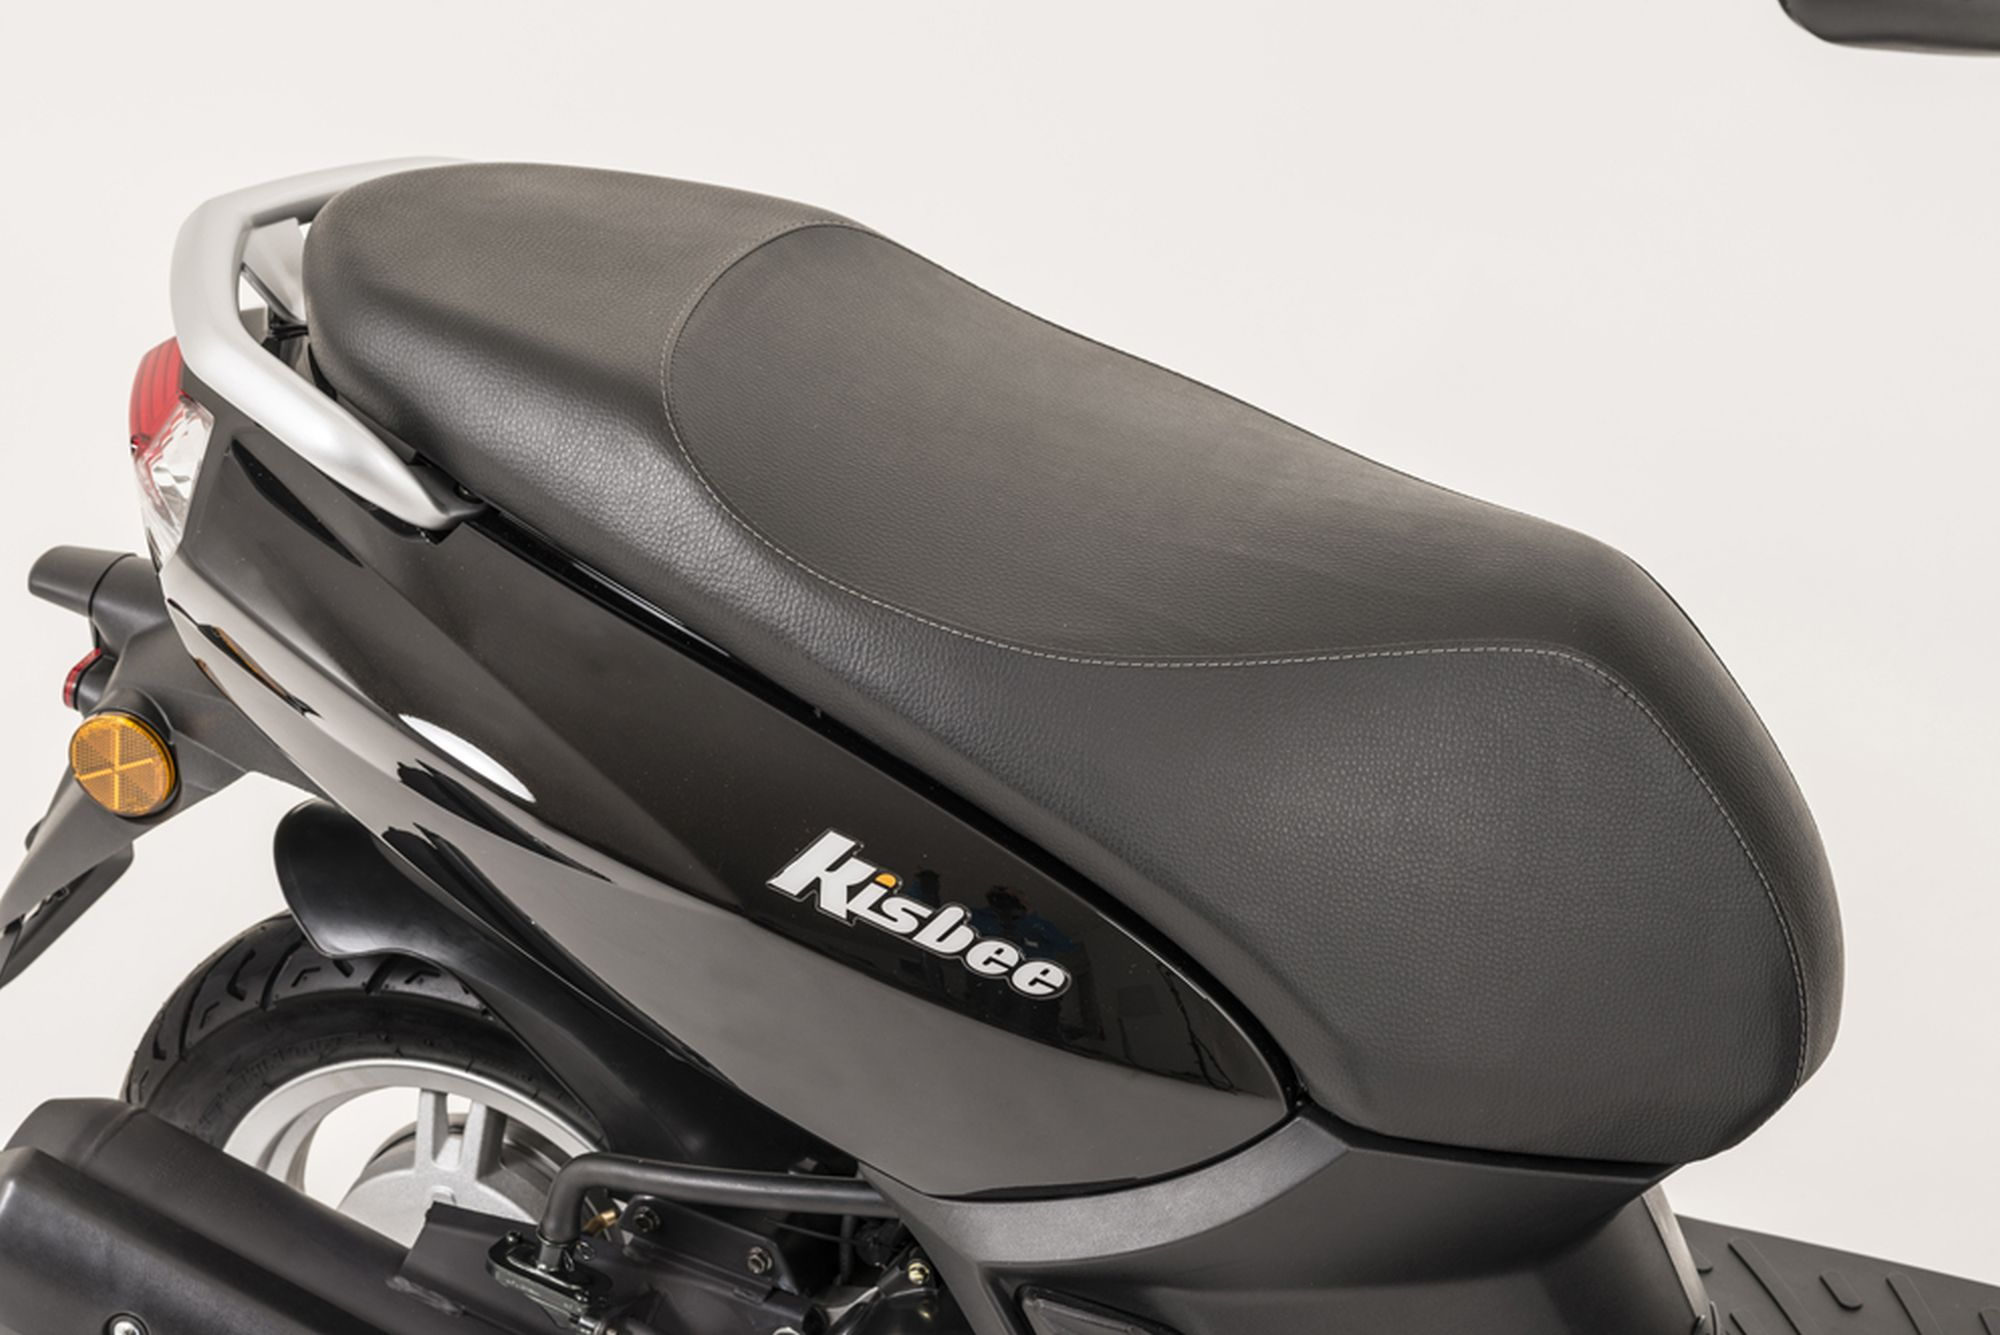 gebrauchte und neue peugeot kisbee 100 motorr der kaufen. Black Bedroom Furniture Sets. Home Design Ideas